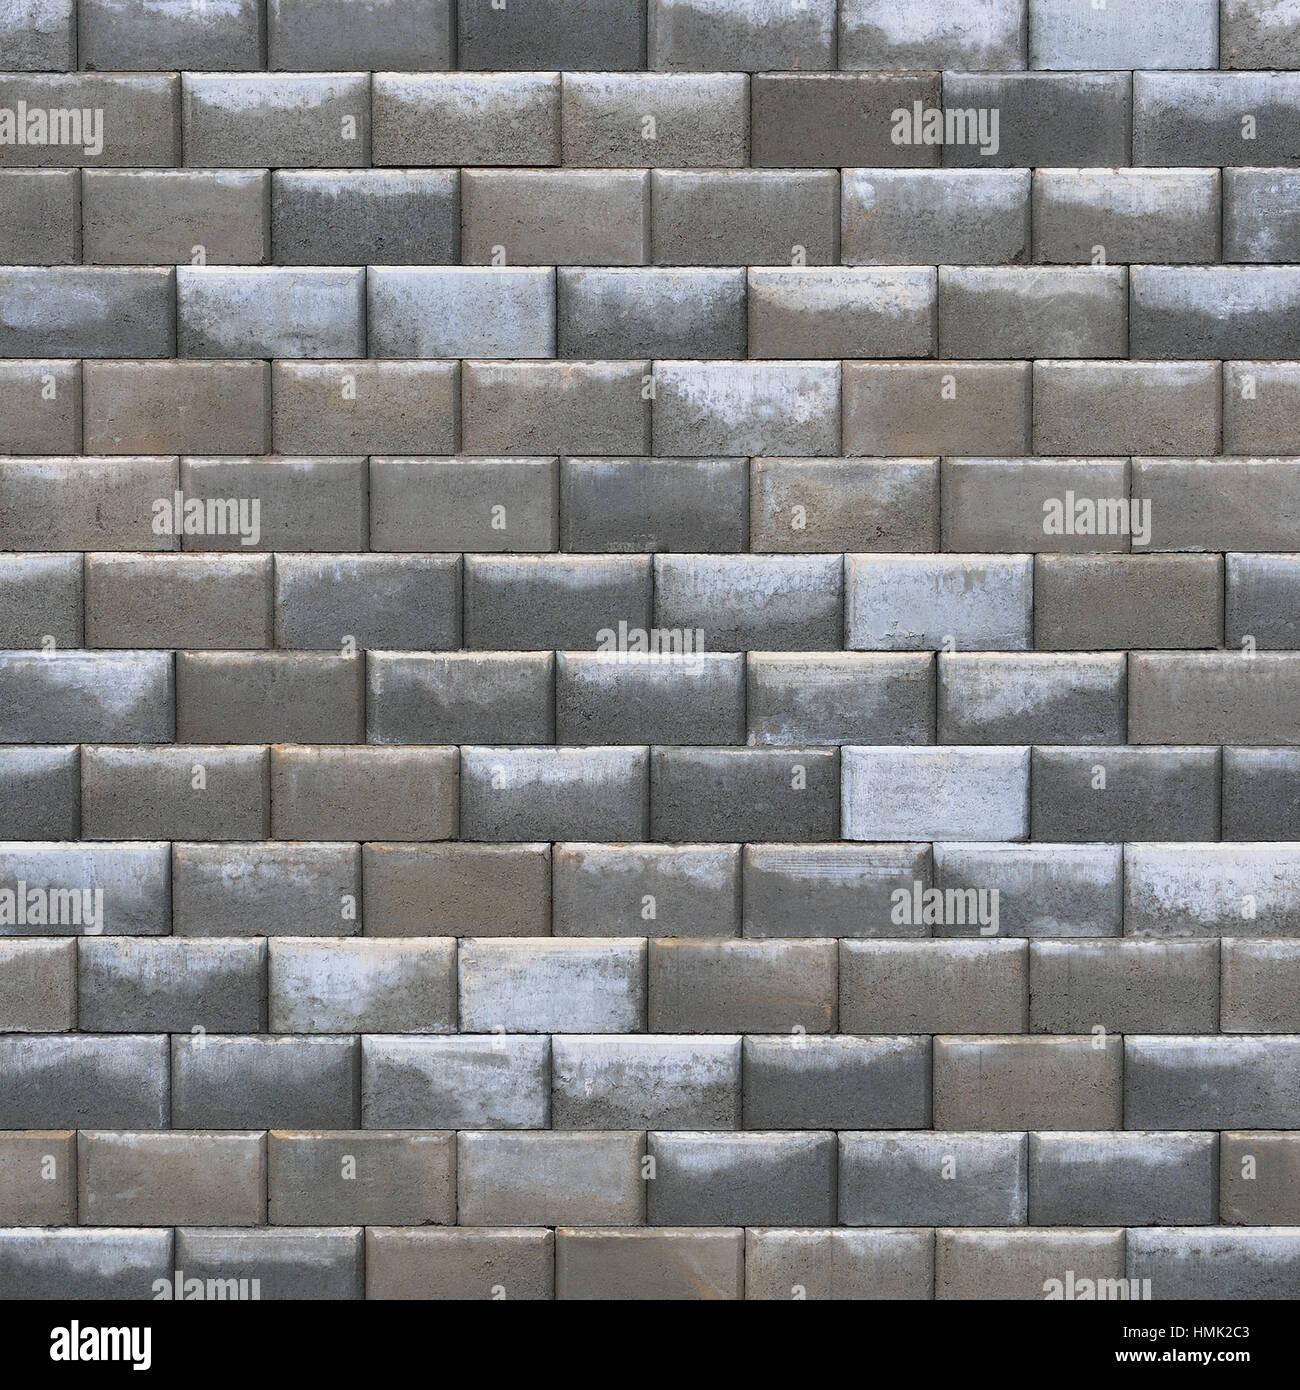 Brillant Gris Marron Foncé Patiné Humide Résumé Mur De Brique Décorative,  Gros Plan De Texture Rugueuse Détaillées Vieux Grunge Textured Béton  Carreaux Gris ...